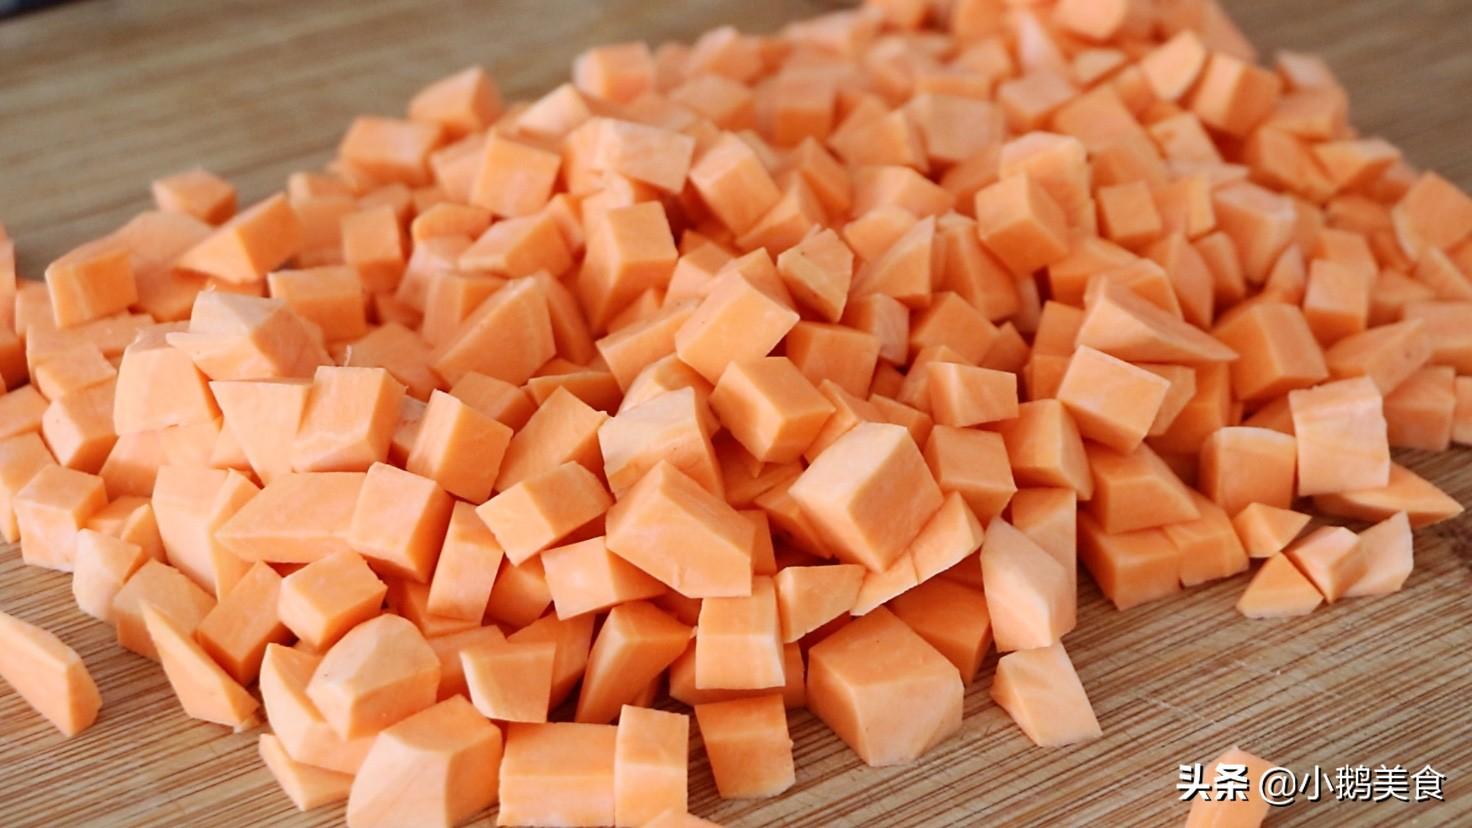 红薯别煮粥了,简单几步做小零食,香甜酥脆,孩子说比薯条还好吃 美食做法 第2张